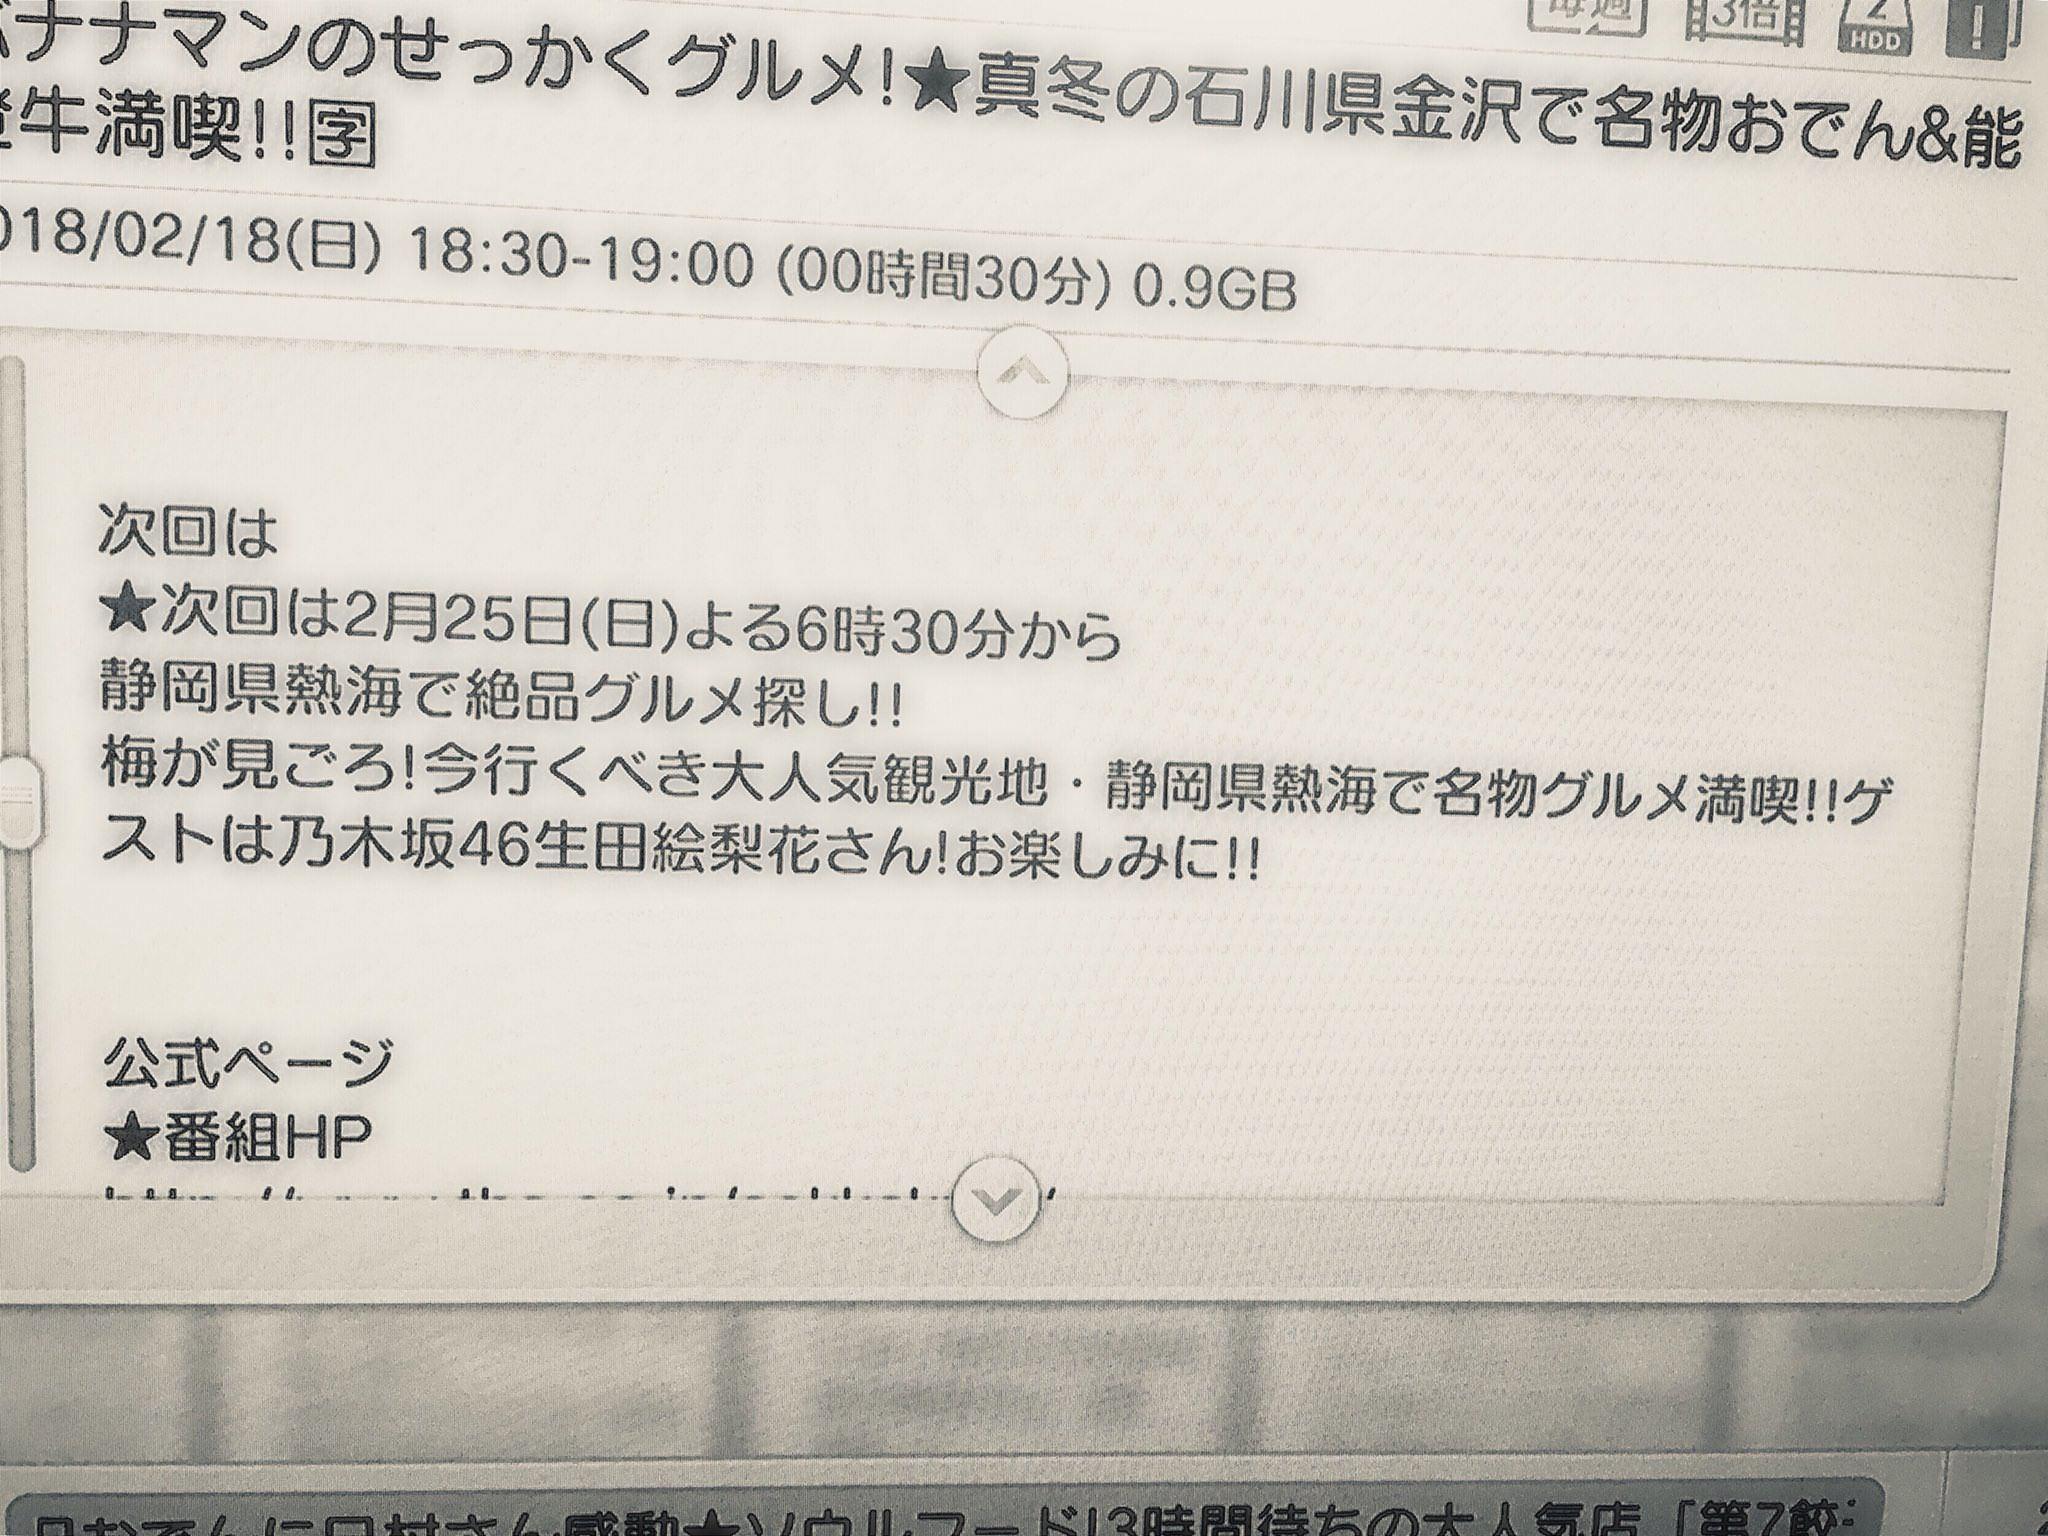 バナナマンのせっかくグルメ 生田絵梨花